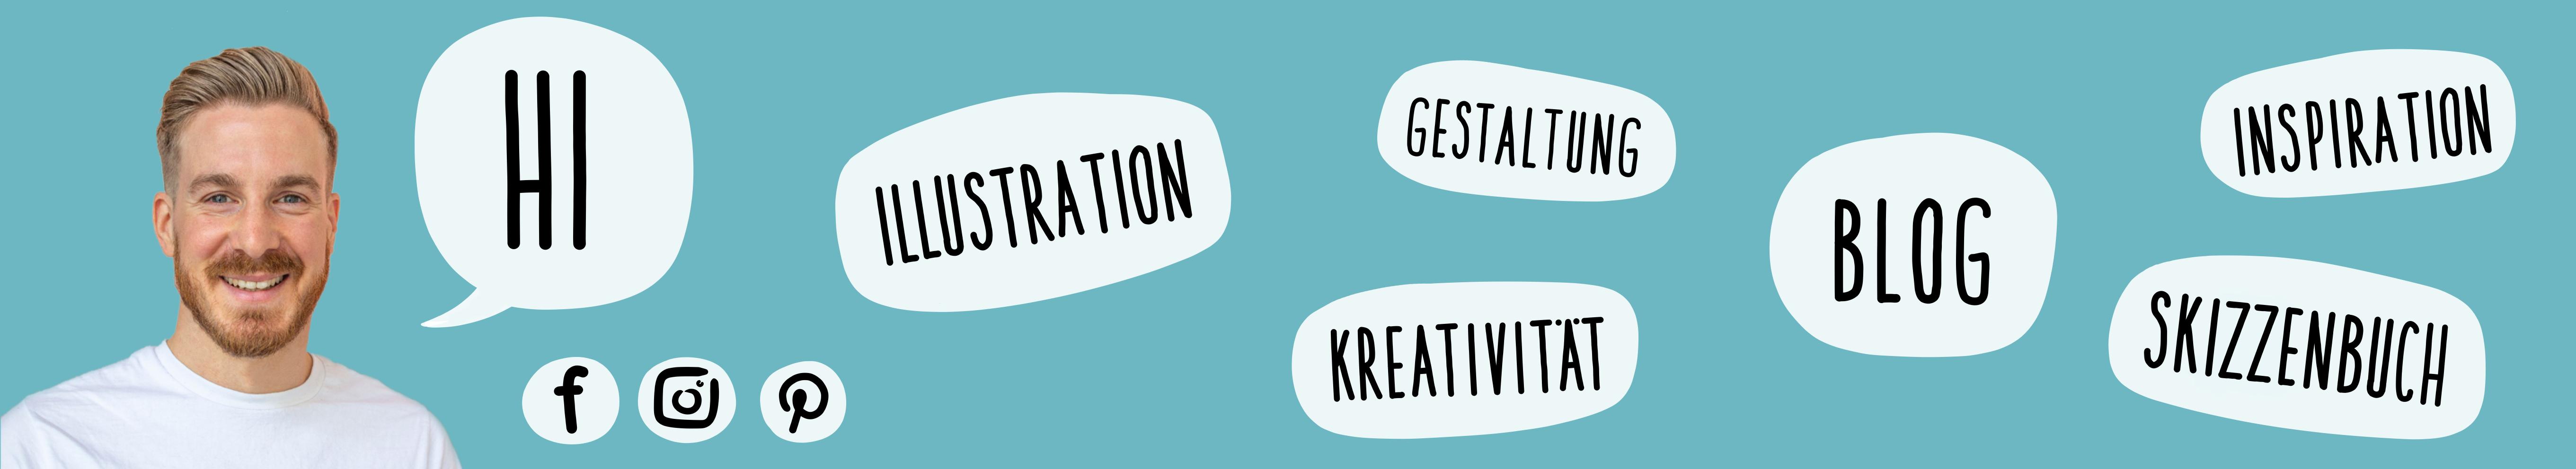 Headerbild Startseite | handundstift.de - Der kreative Blog rund um digitale Illustration aus Potsdam